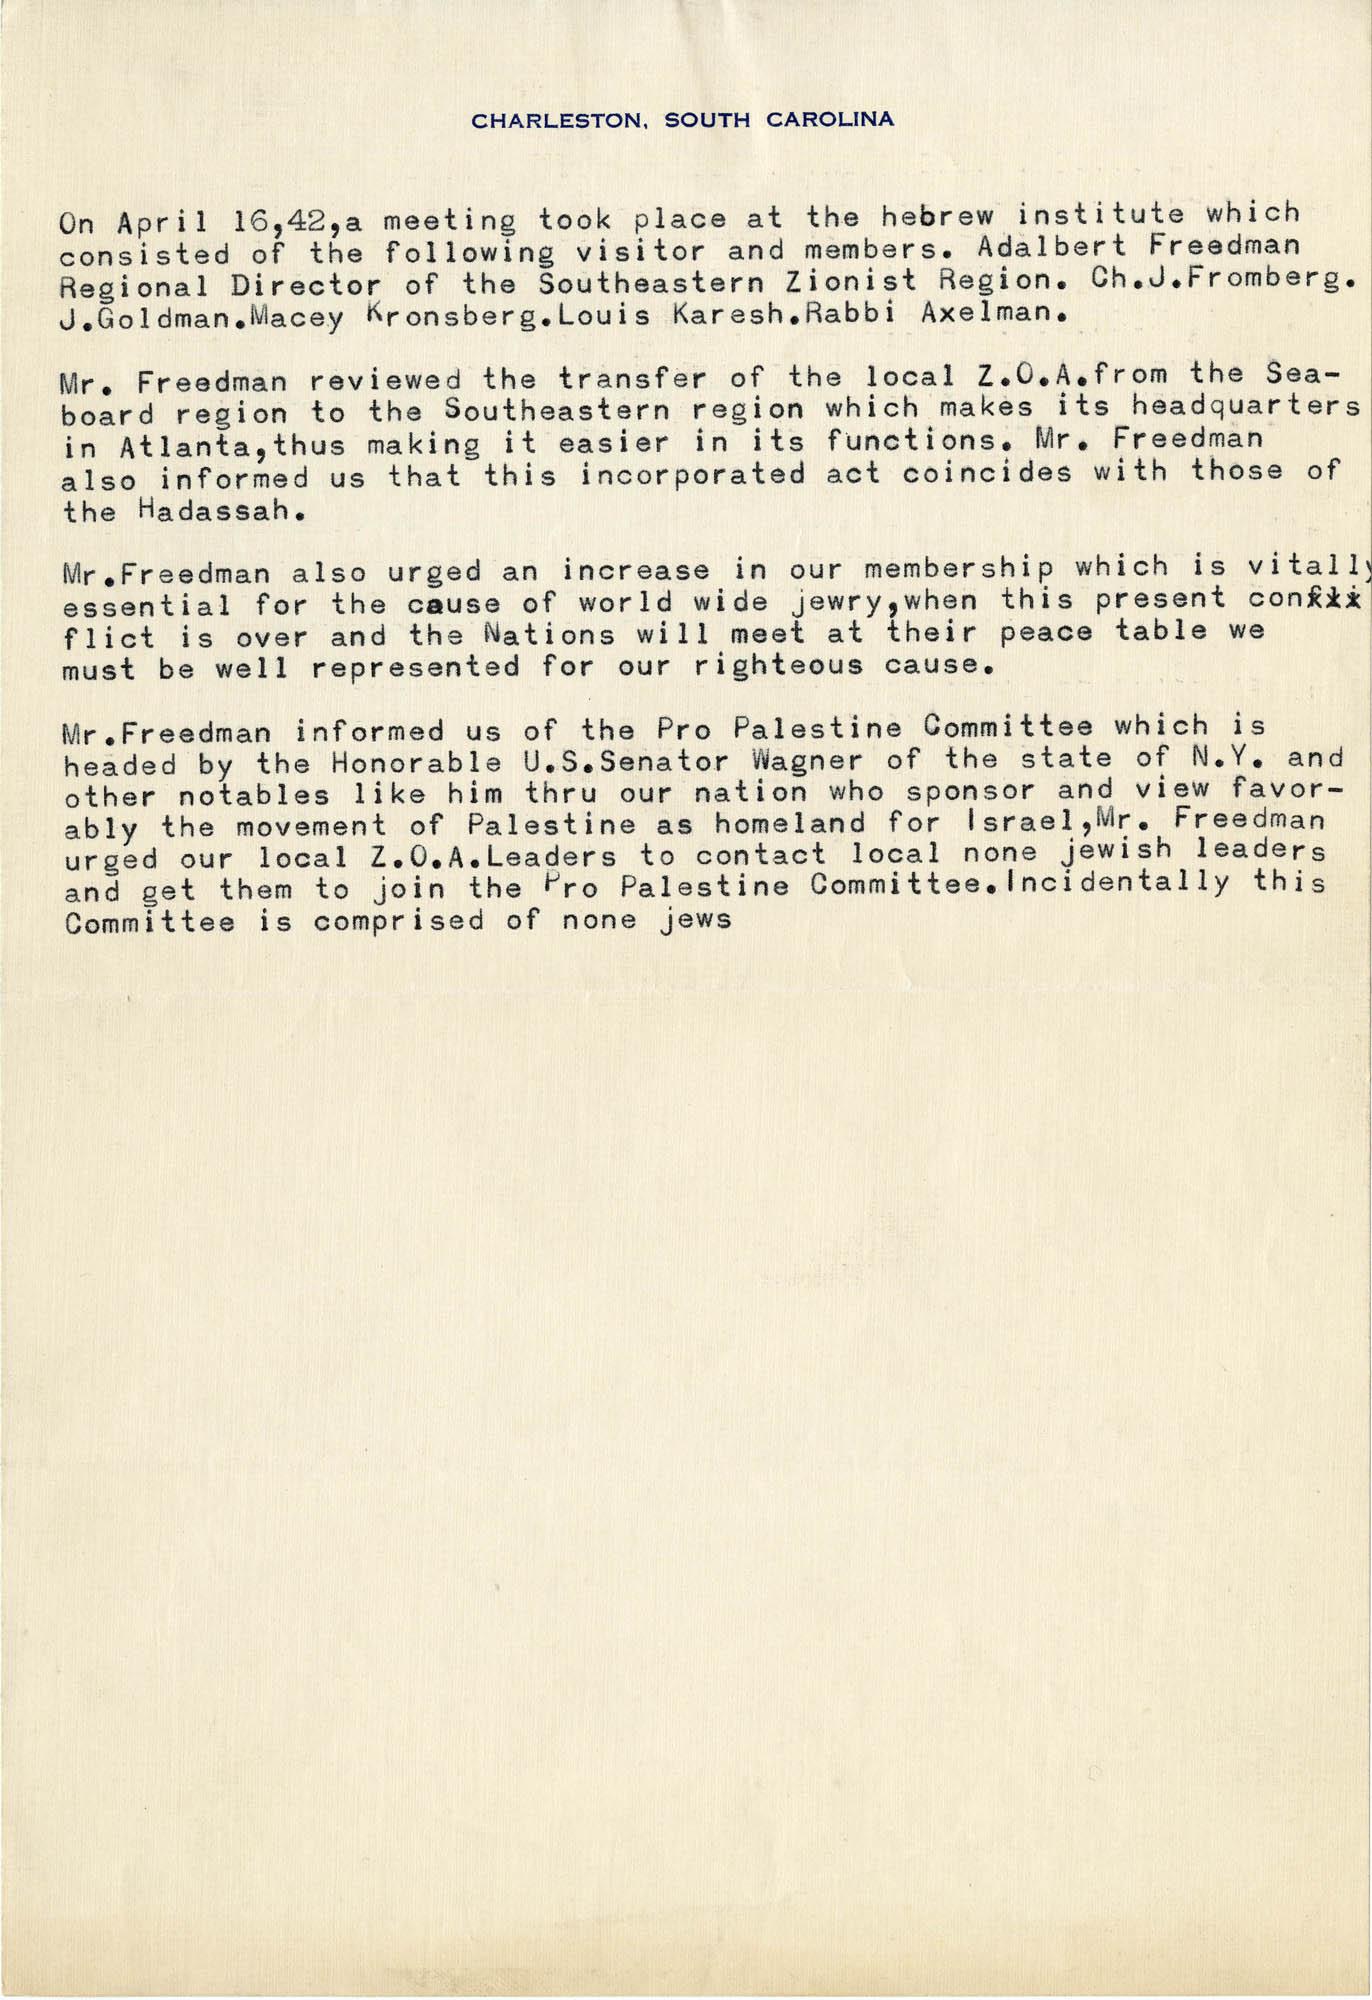 11. April 16, 1942 Minutes